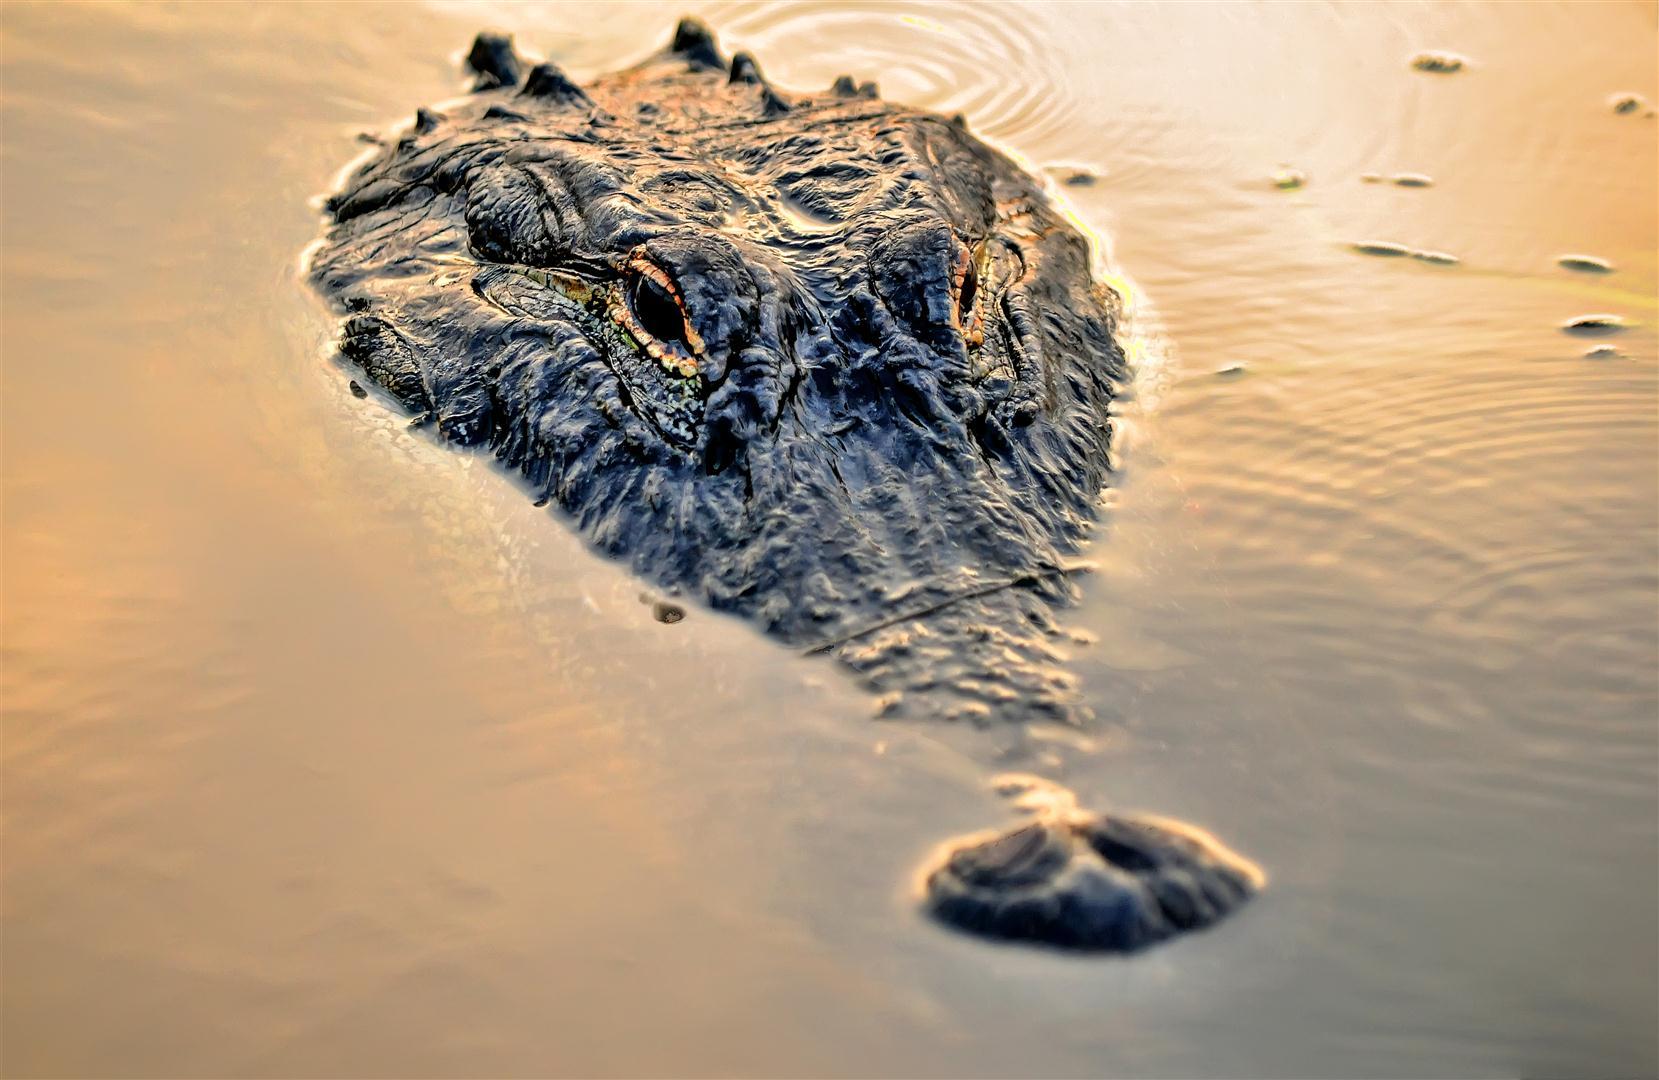 Gator at Sunset